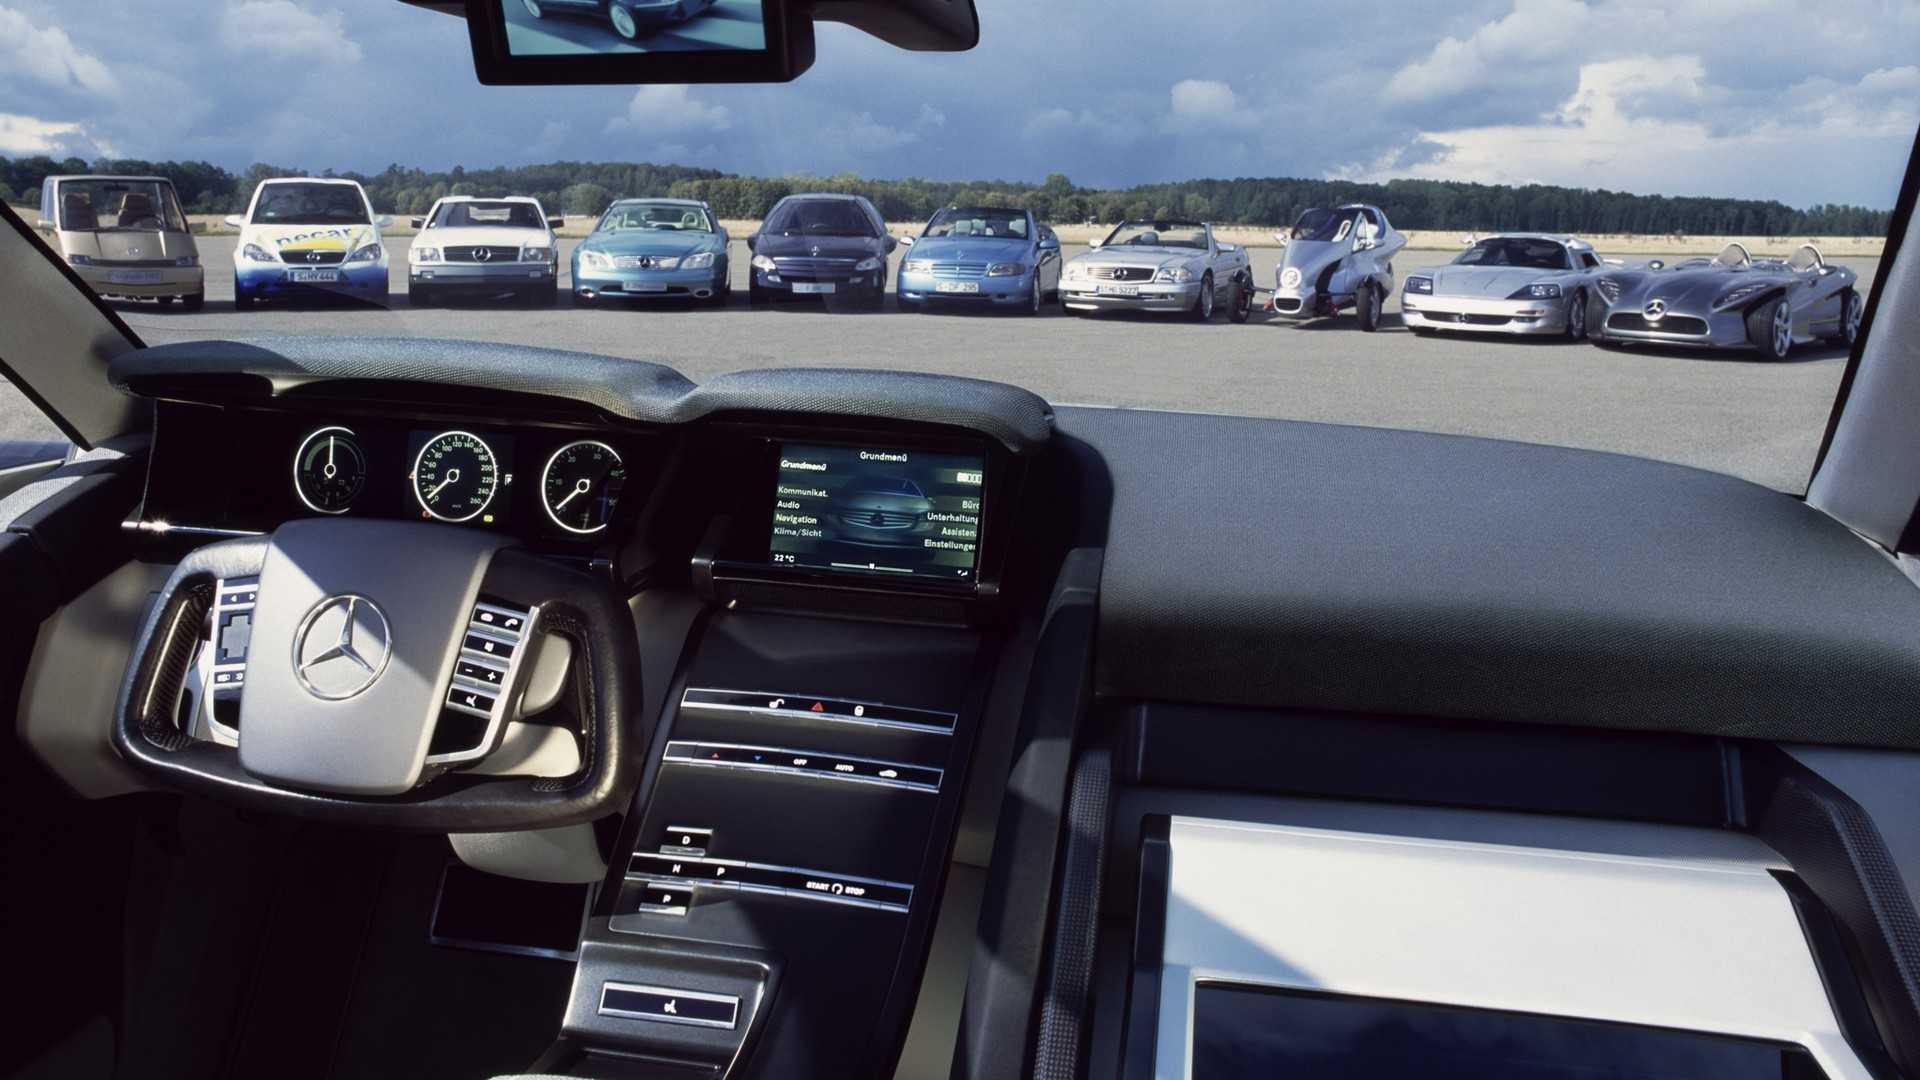 ستتوفر في سيارات المستقبل والتي تبرز منها مرسيدس-بنز F 500 الإختبارية التي كانت تحتوي على بعض التقنيات التي سيجري إستخدامها في الطرازات اللاحقة